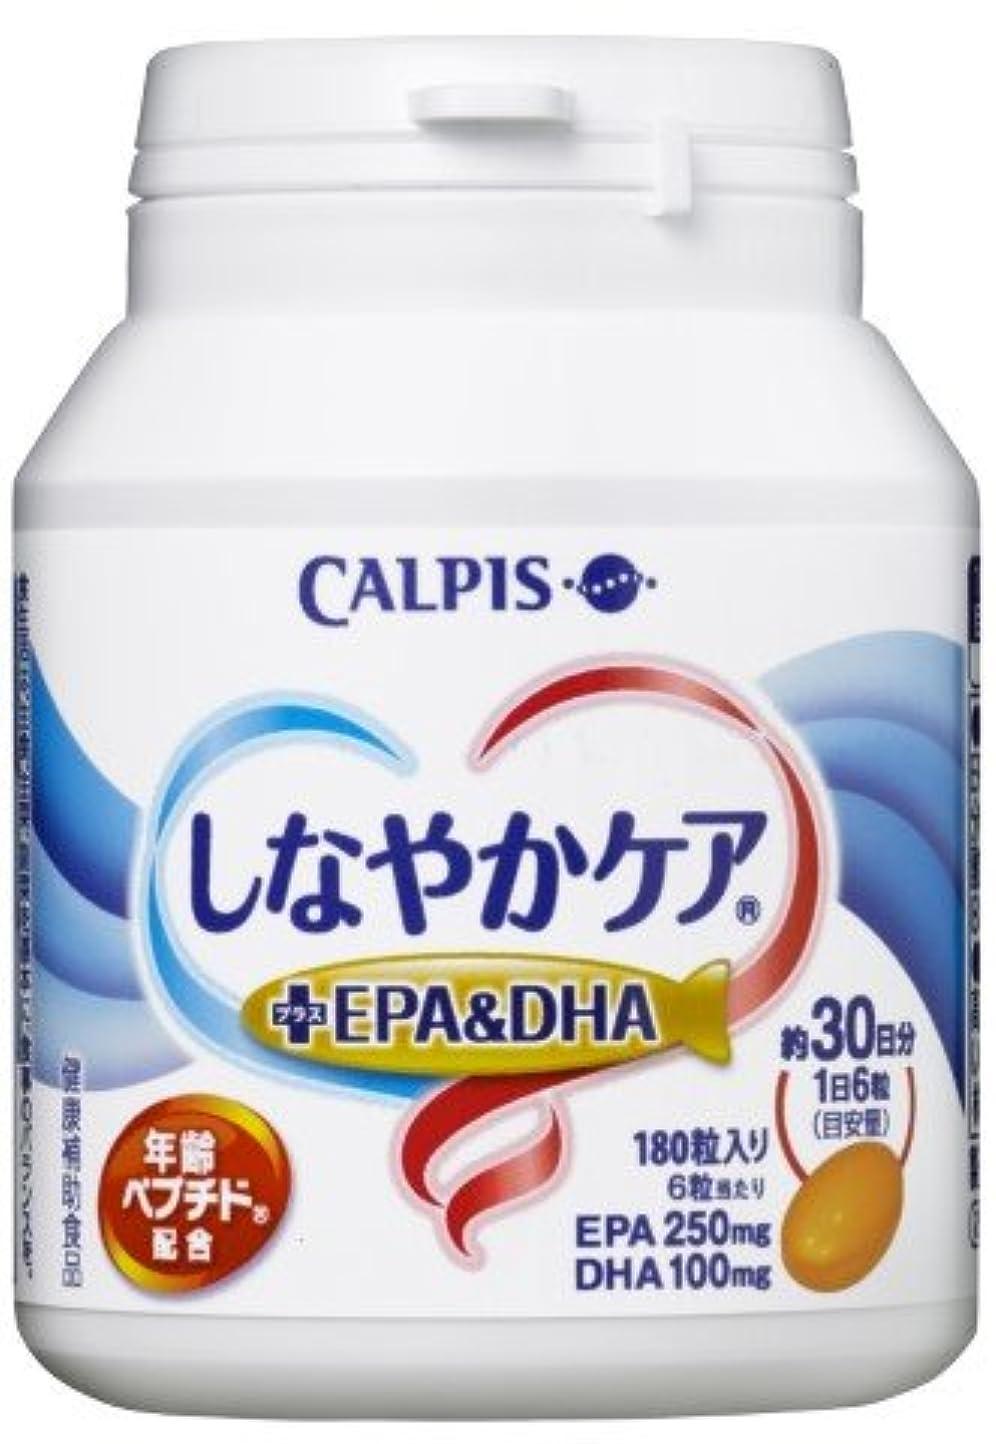 あごレイアウト従来のカルピス しなやかケア + EPA & DHA 180粒 ボトル